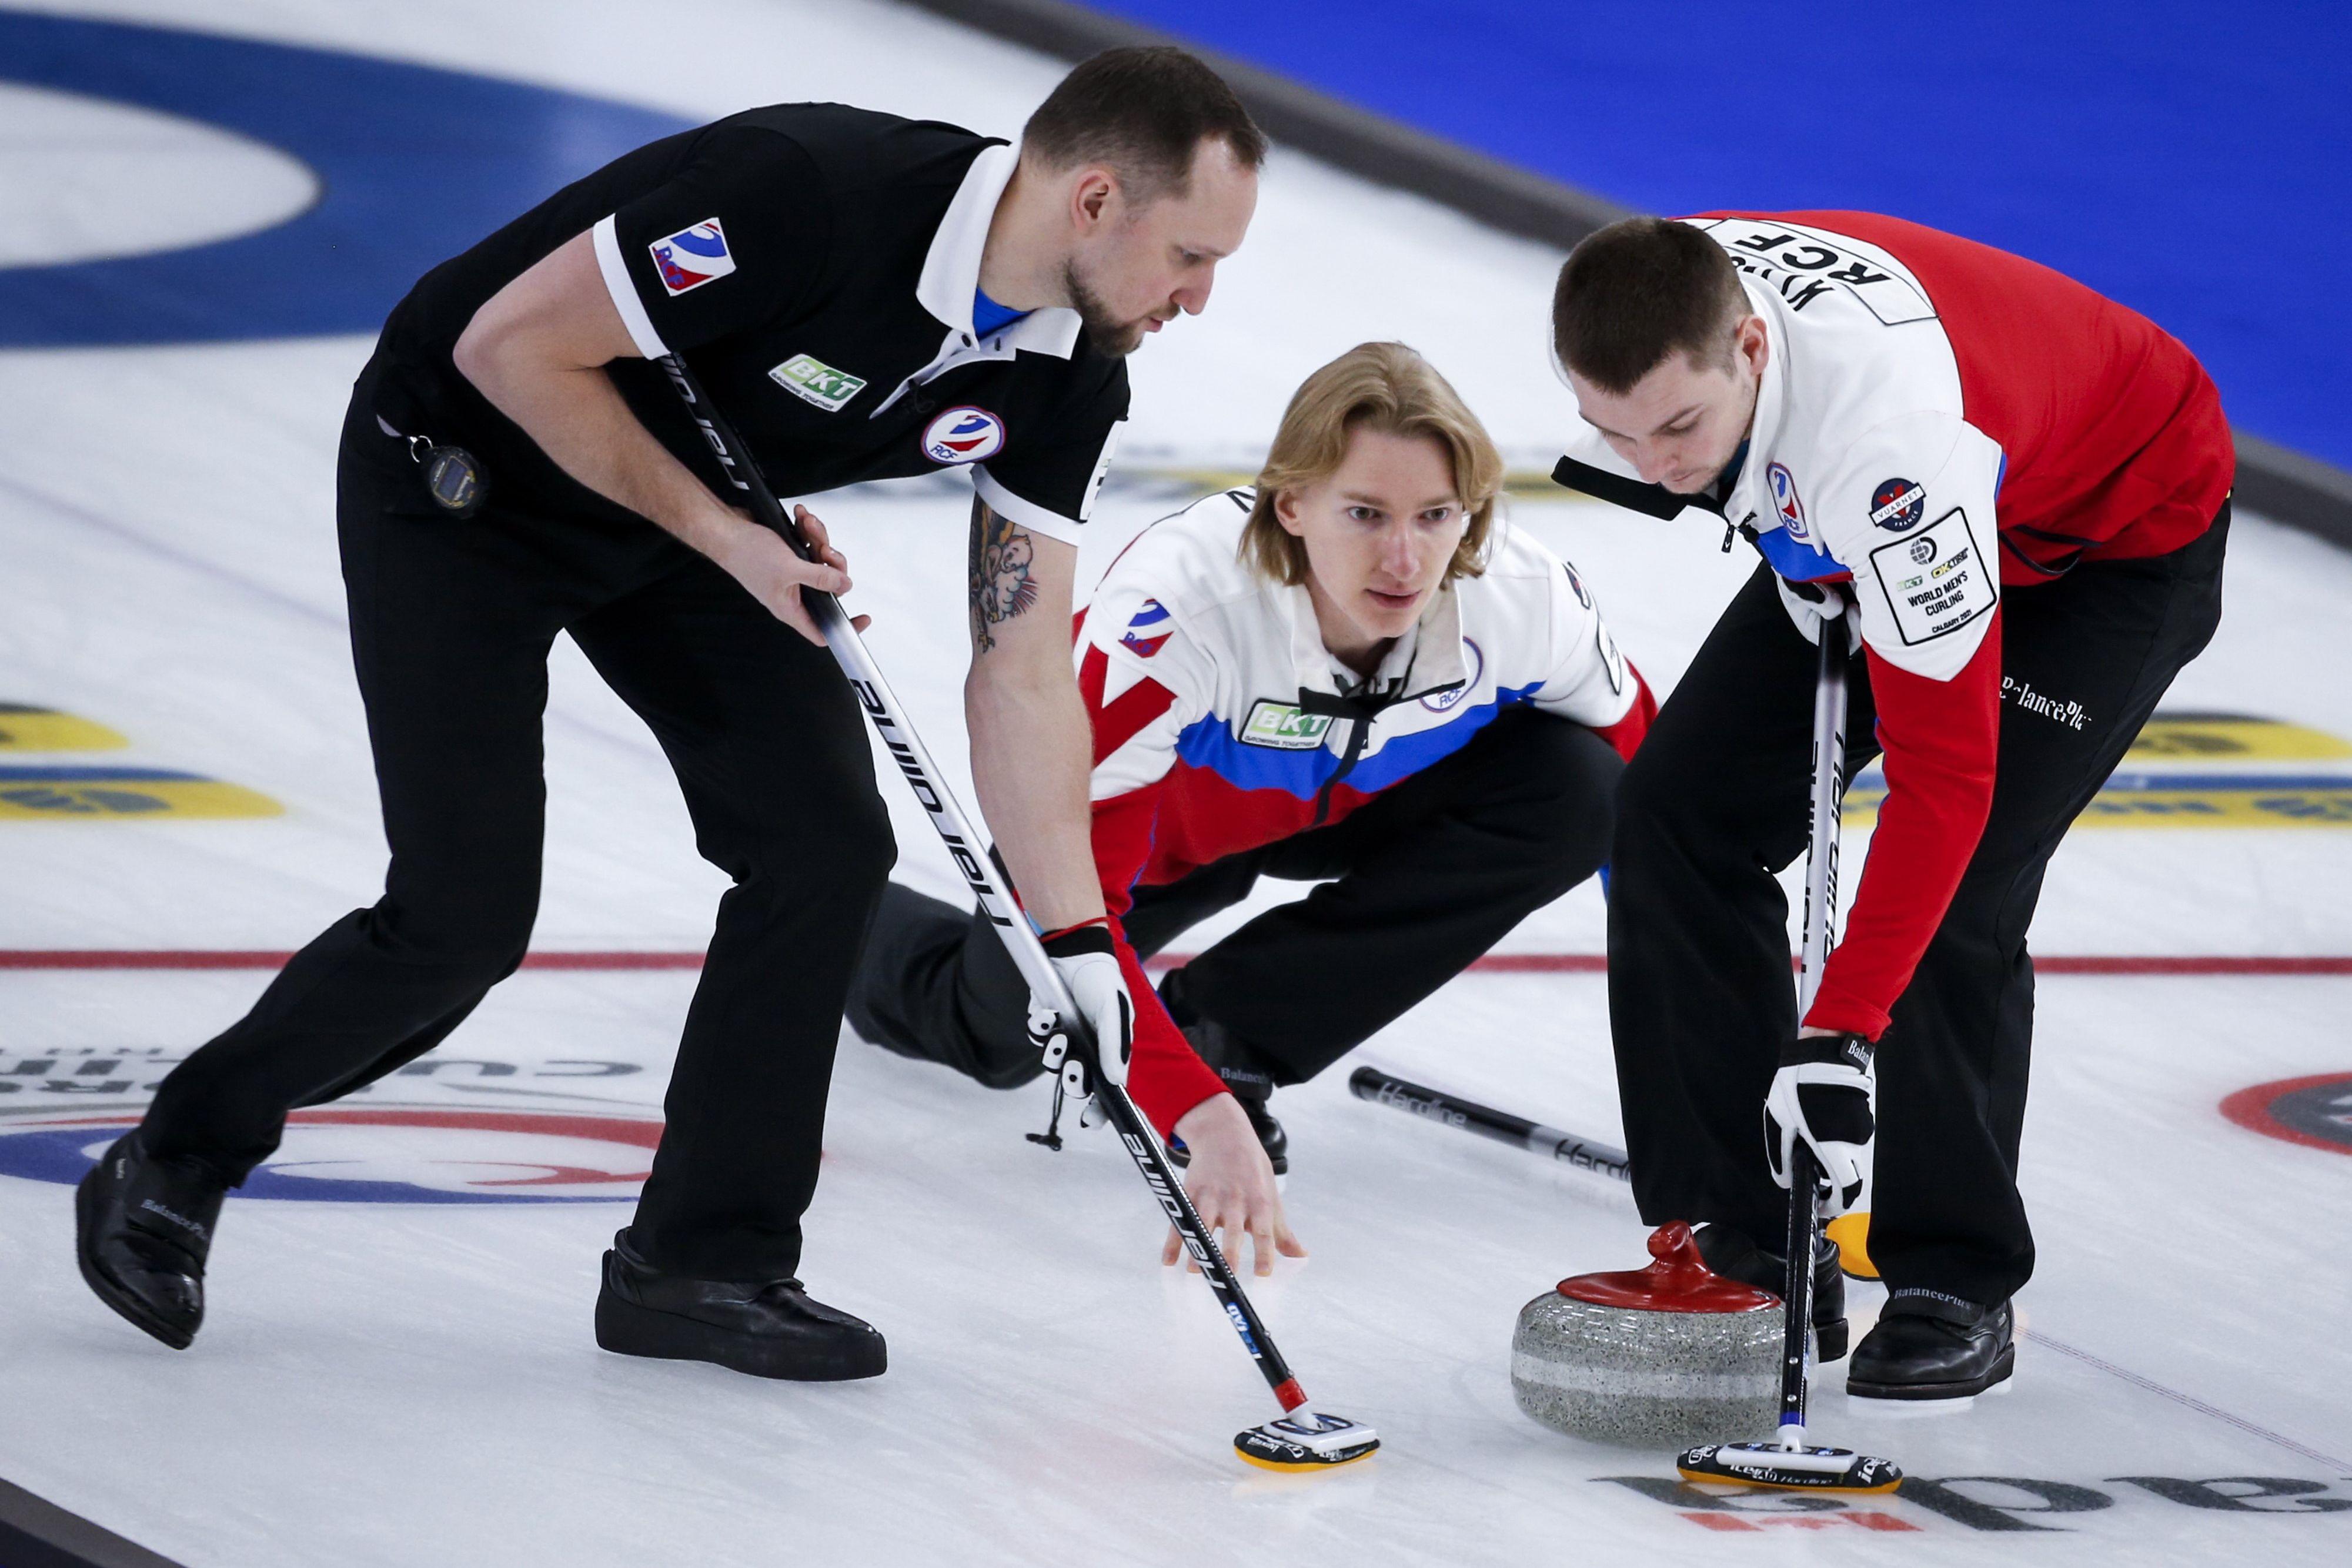 Российские кёрлингисты потерпели поражение от Швейцарии в матче ЧМ